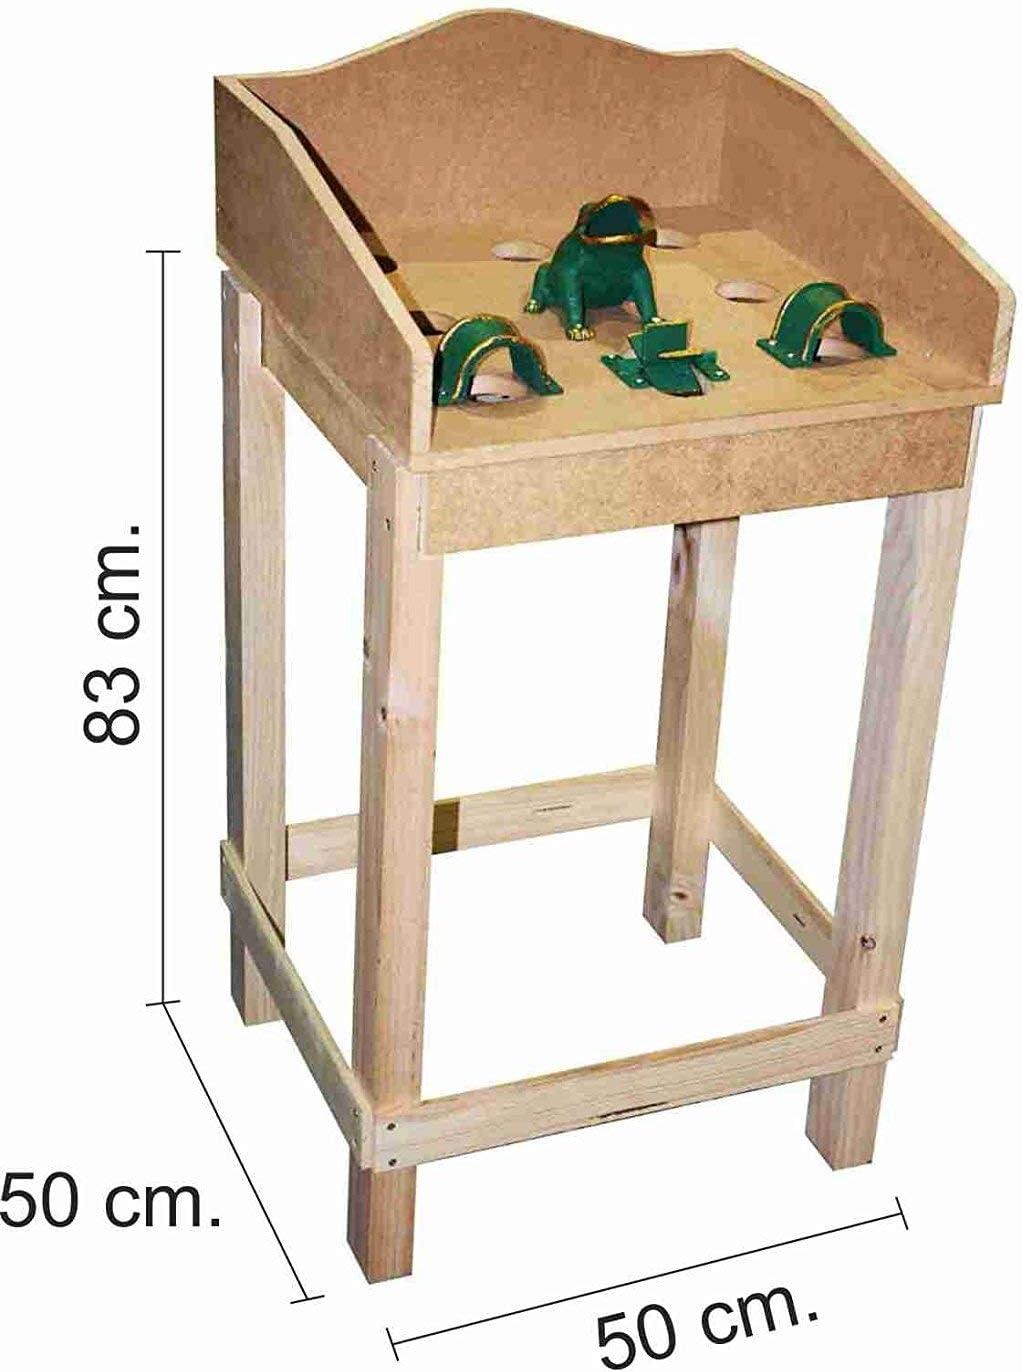 Medidas juego de la rana